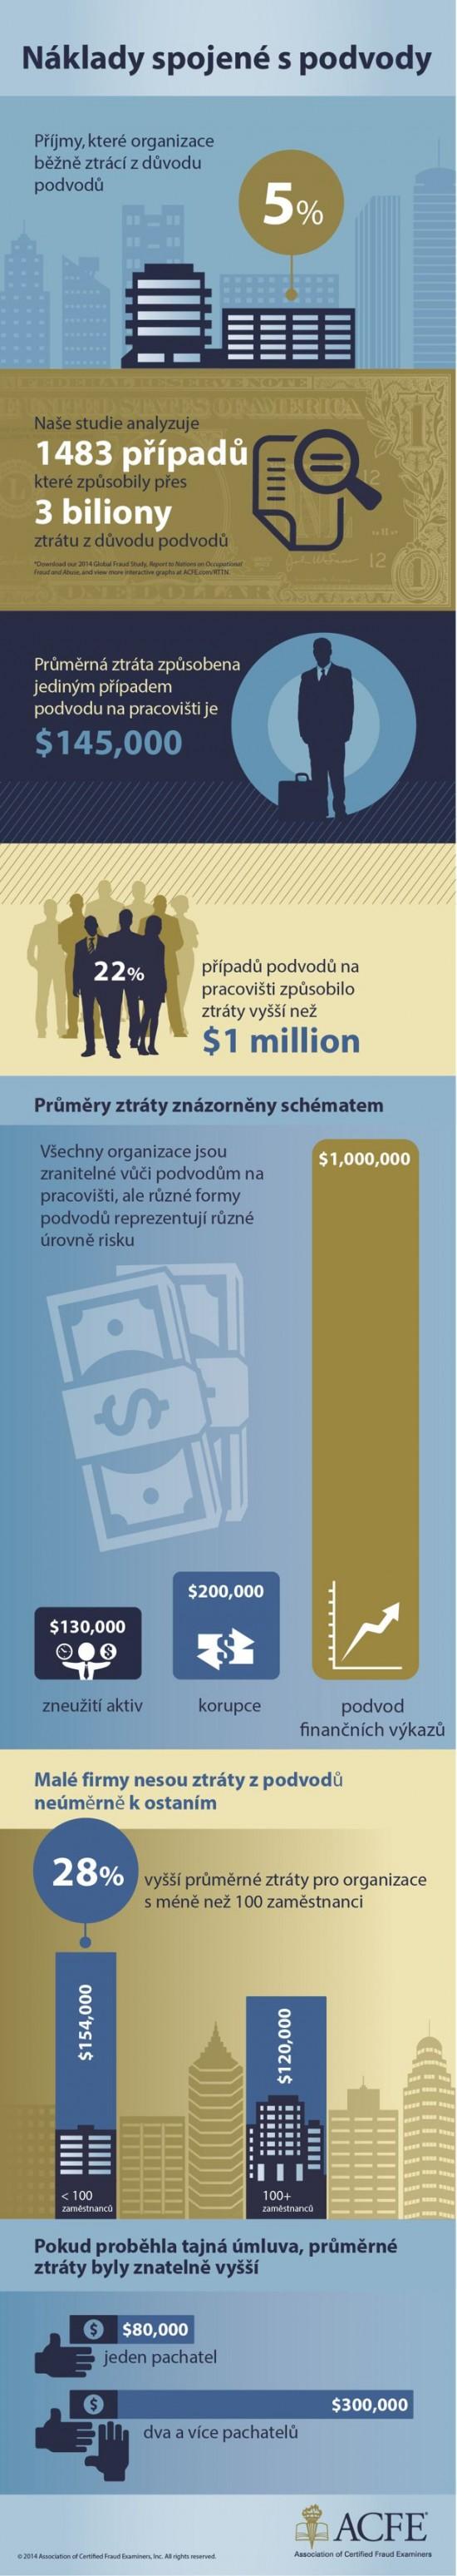 Naklady spojene s podvody - infografika